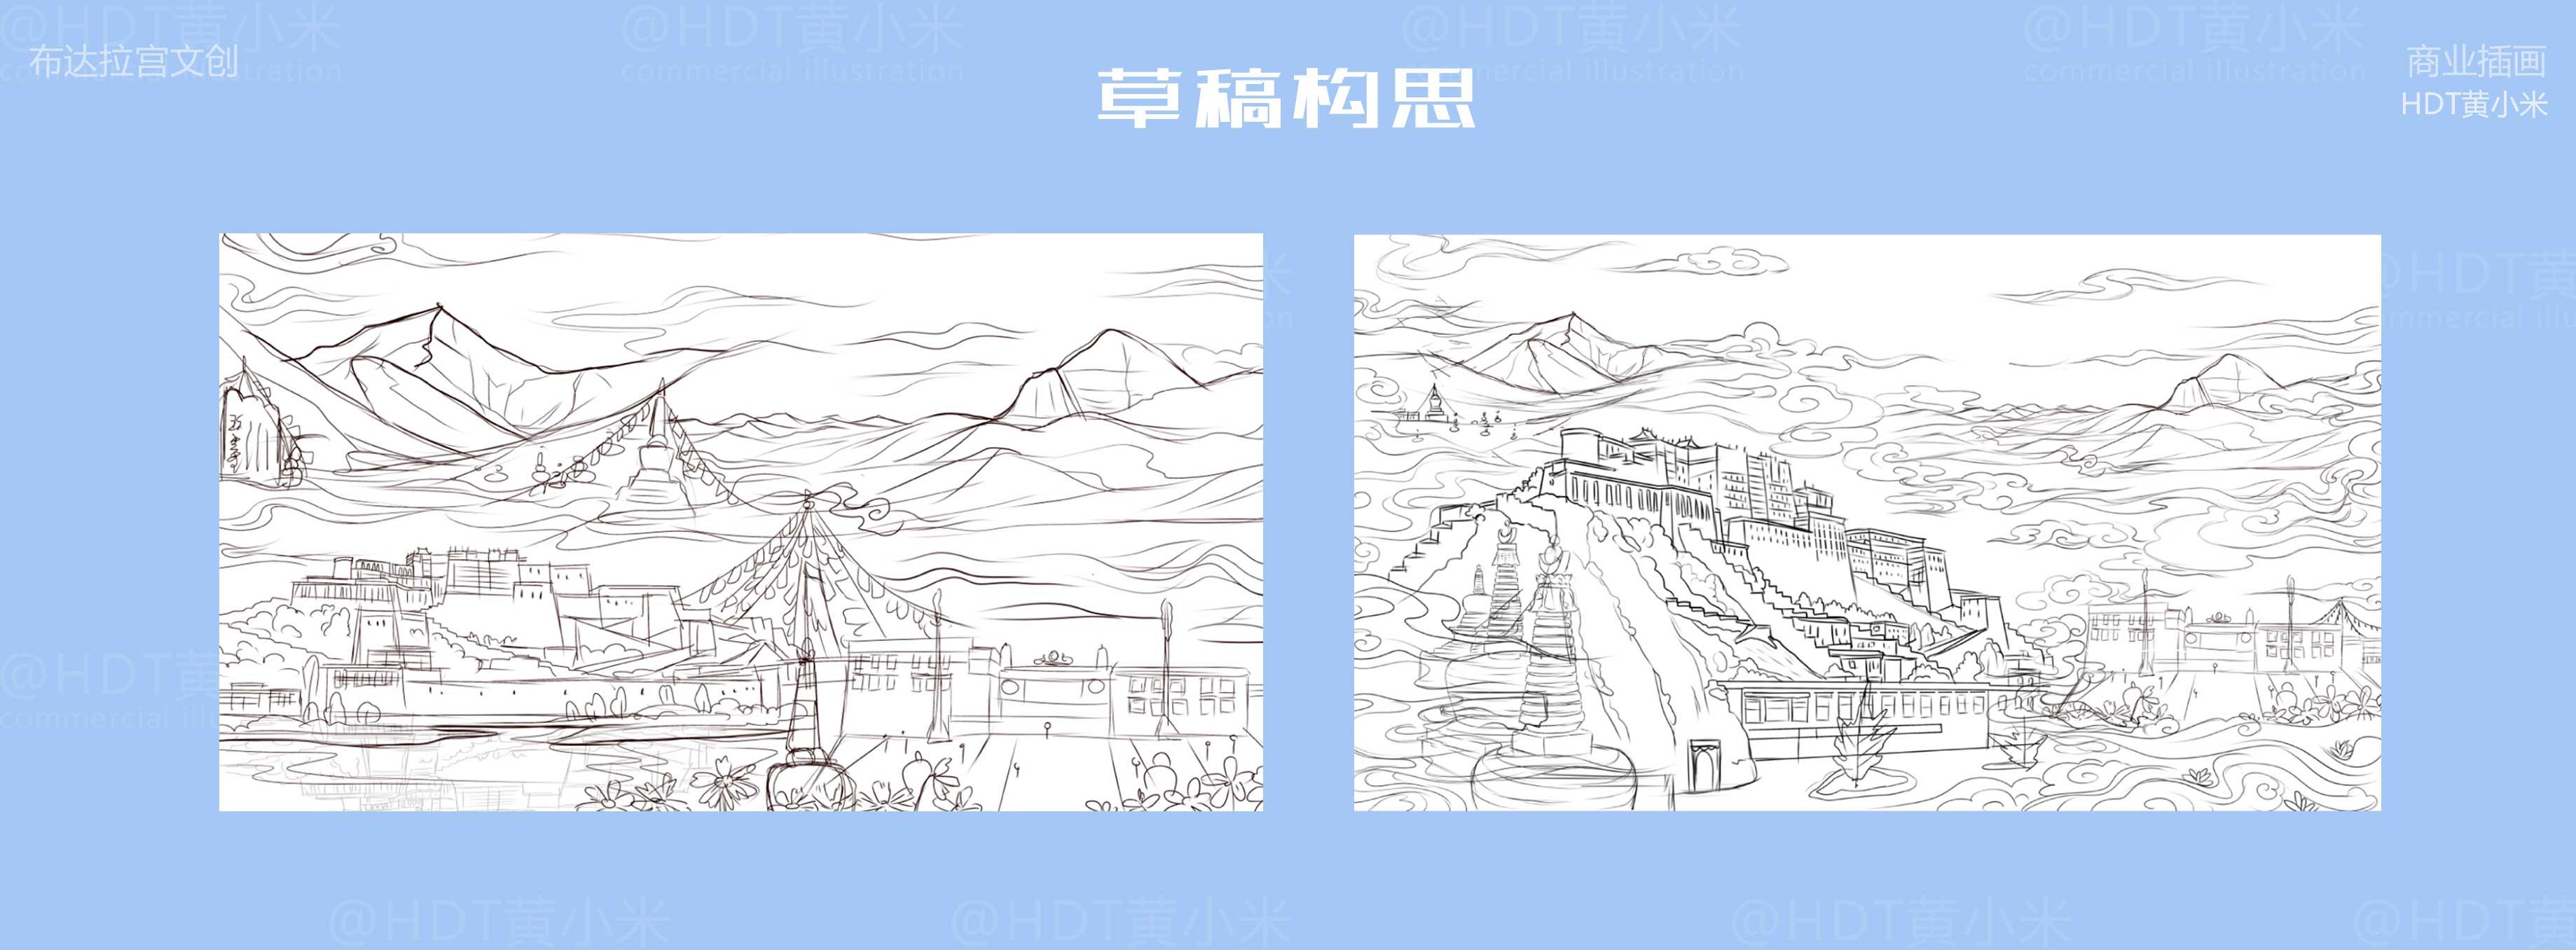 【布达拉宫】文创商业插画